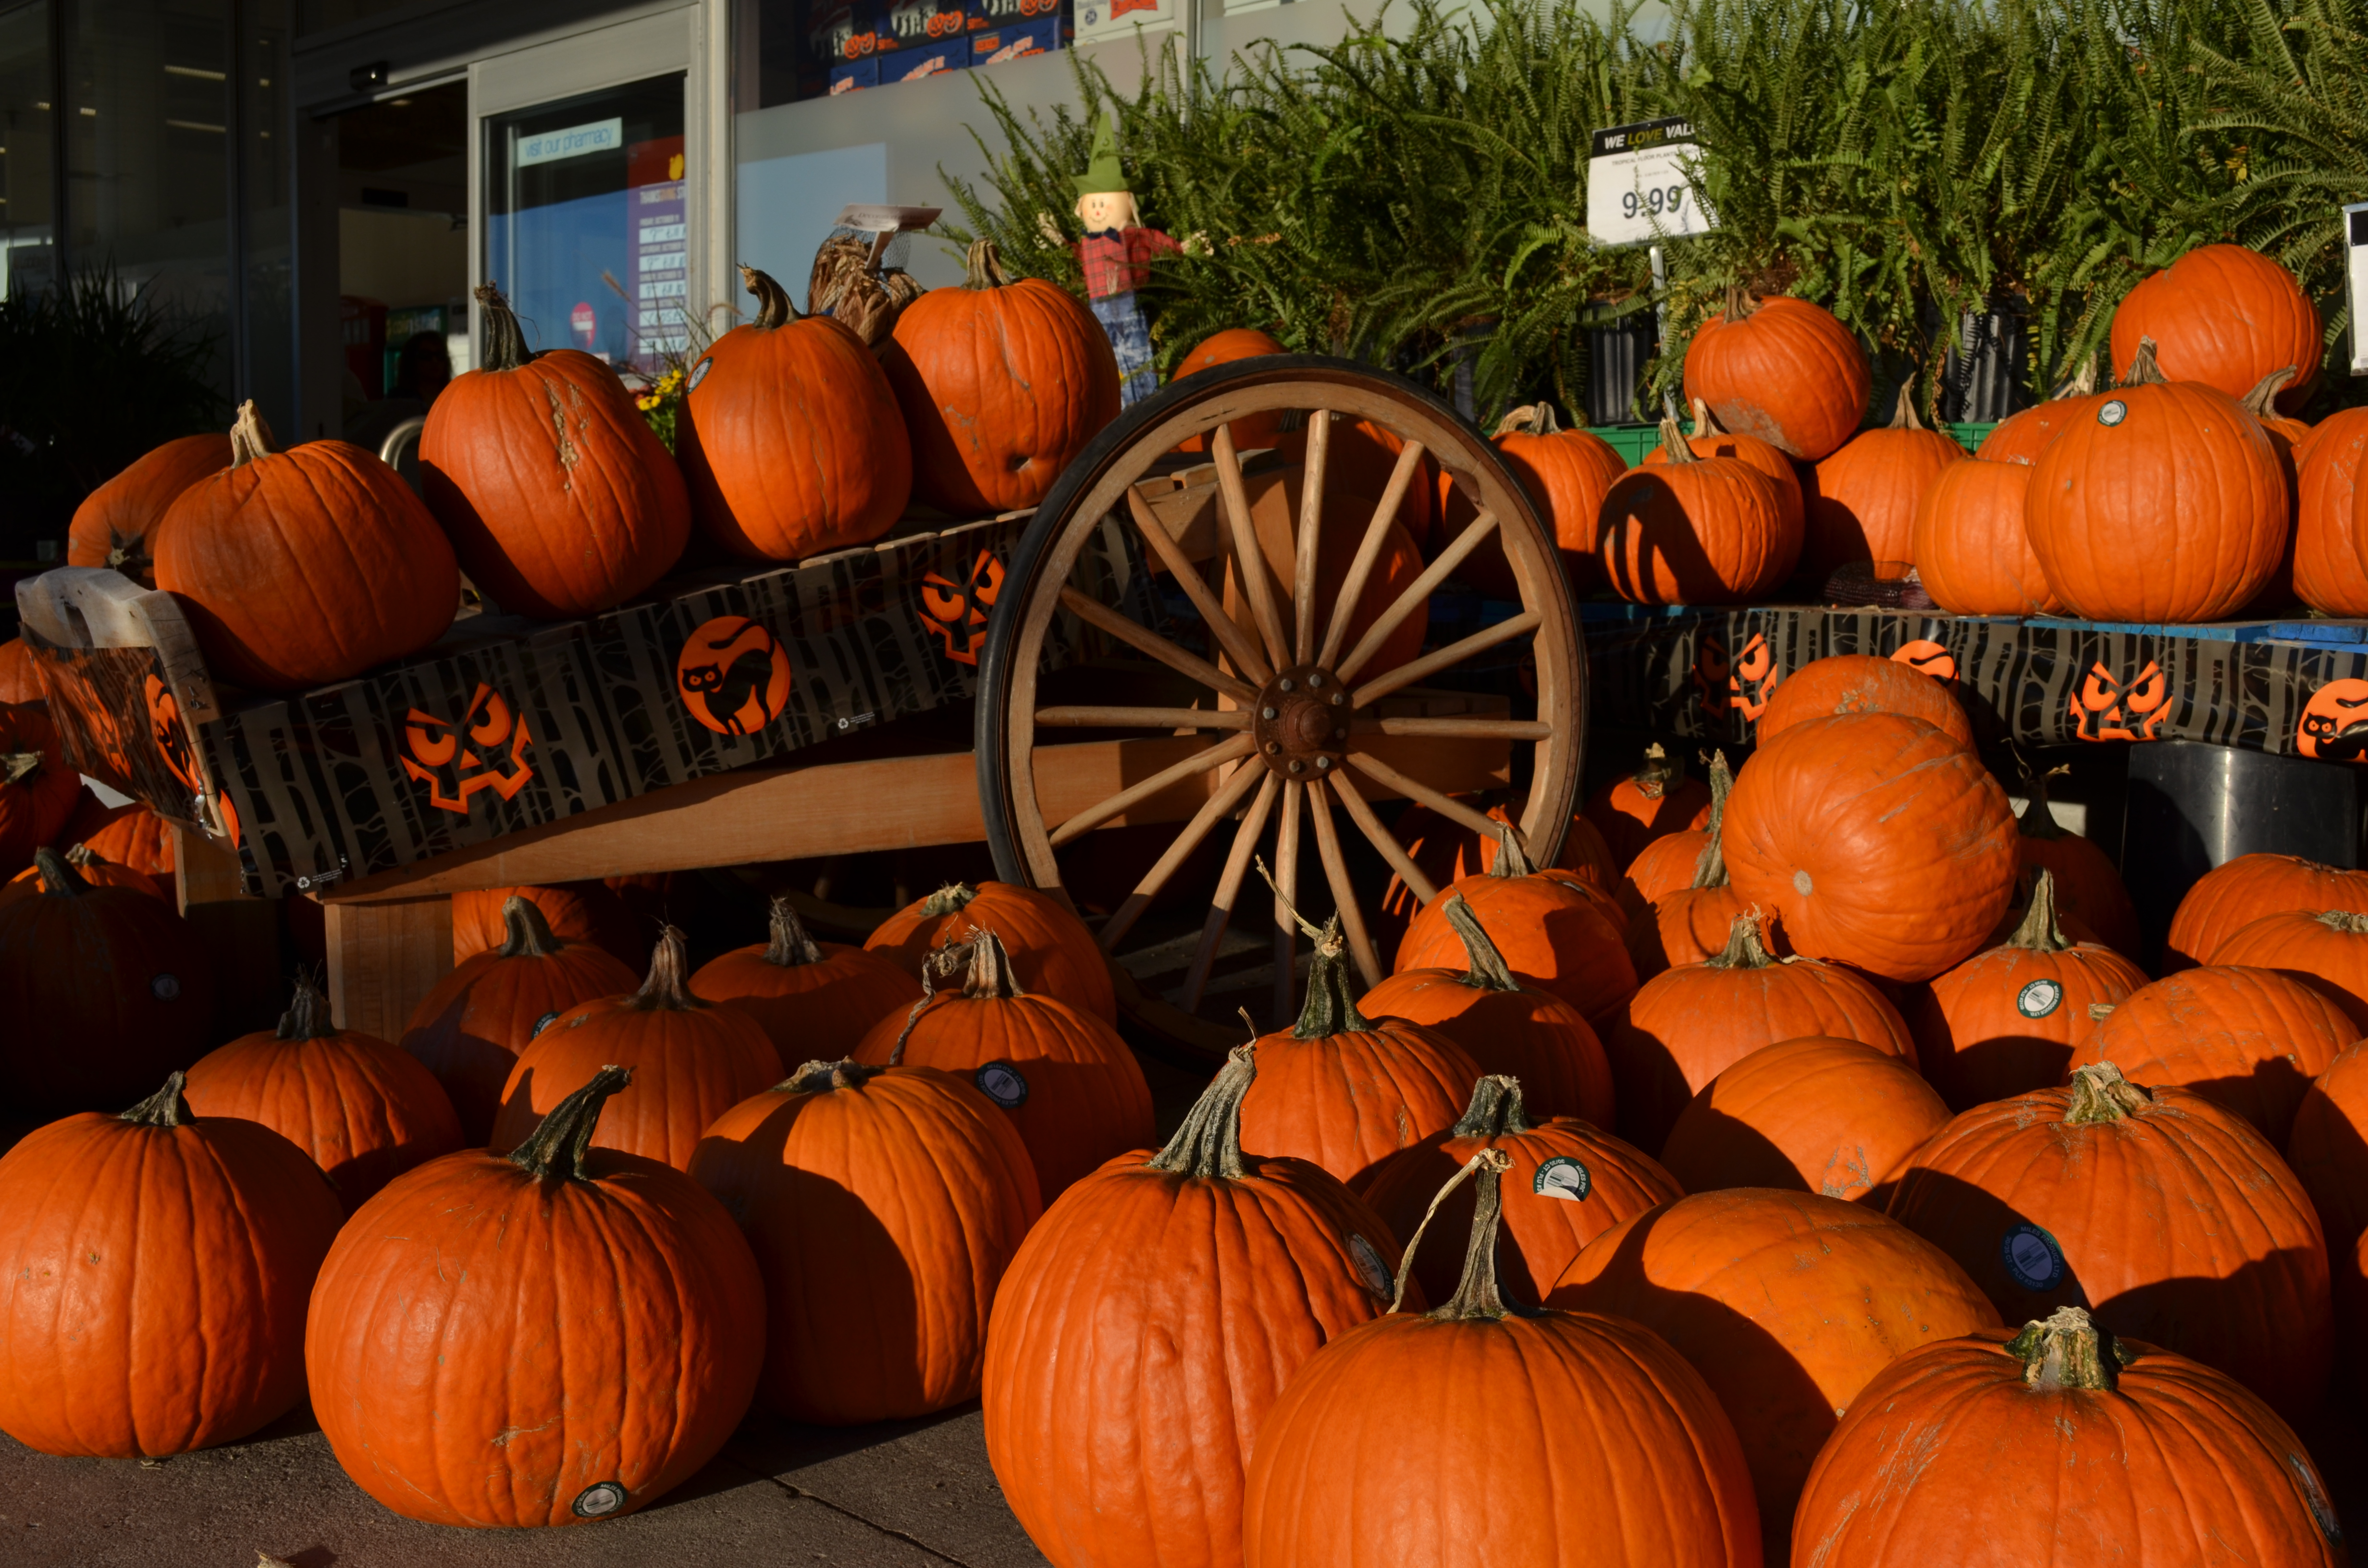 Wallpapers fre fall pumpkin desktop backgrounds - Pumpkin wallpaper fall ...